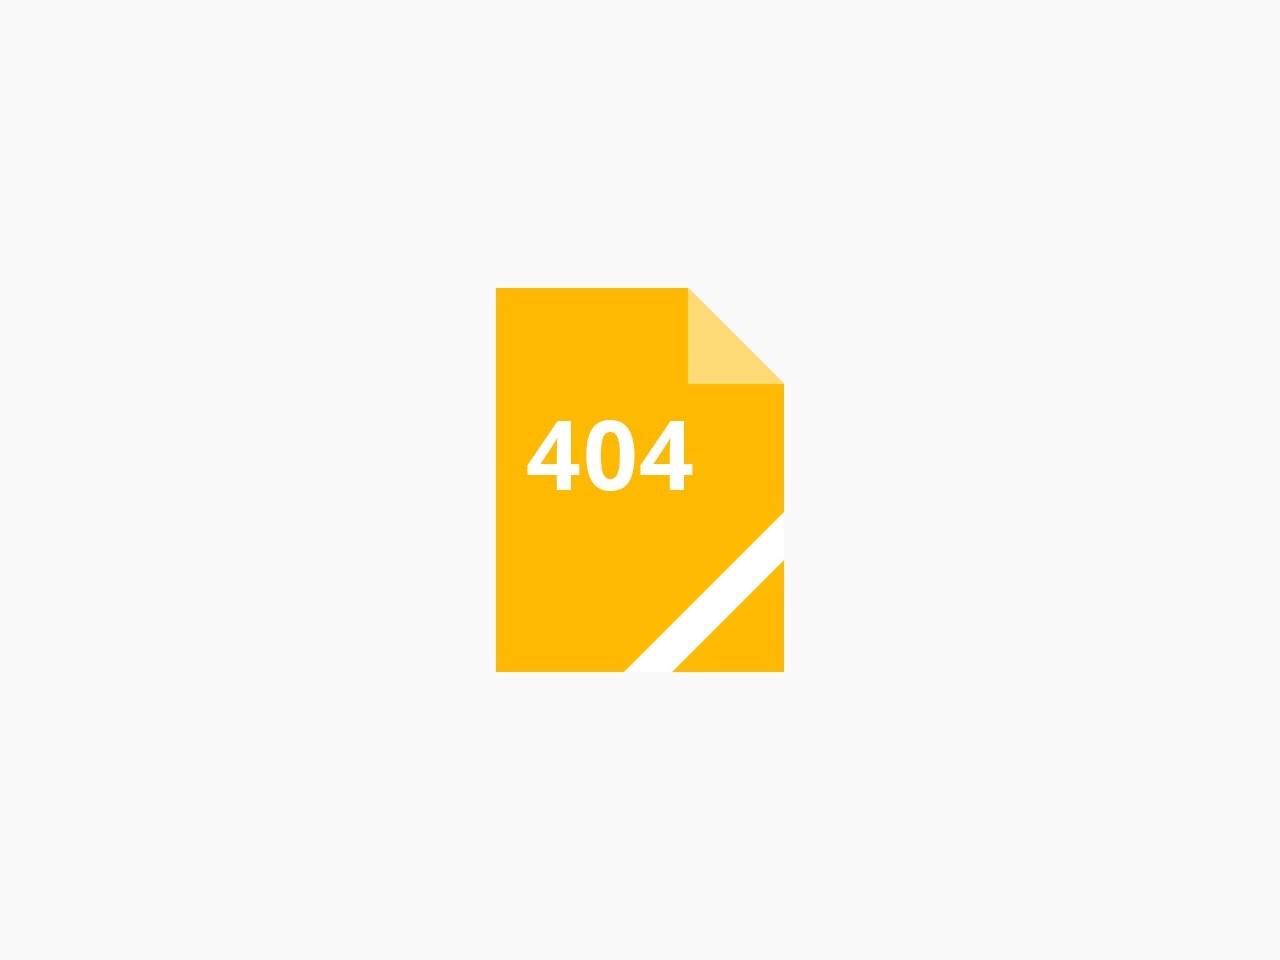 56素材网